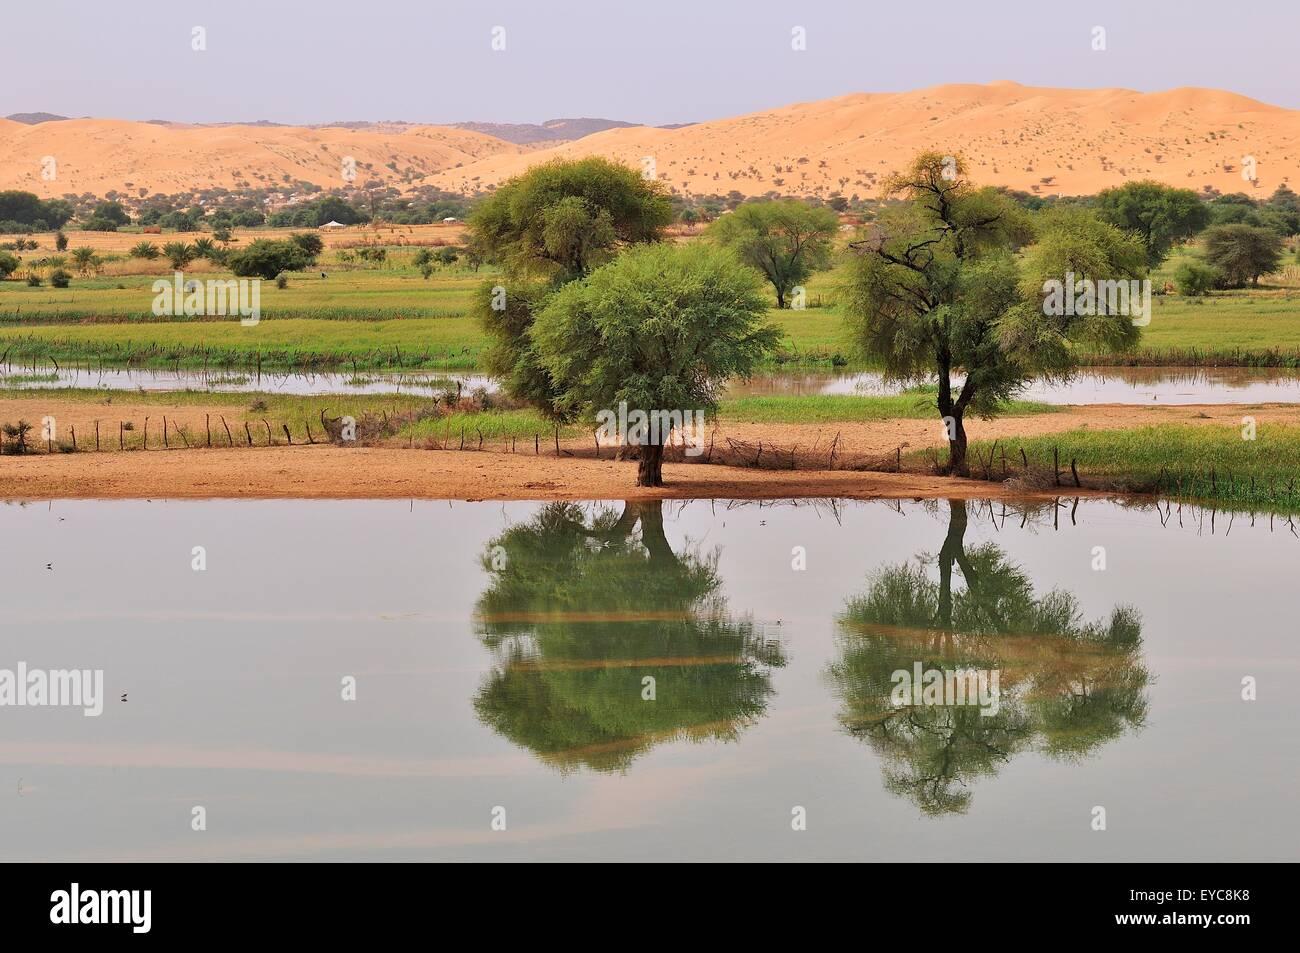 lac temporaire apr s la pluie dans l 39 oasis moudj ria. Black Bedroom Furniture Sets. Home Design Ideas